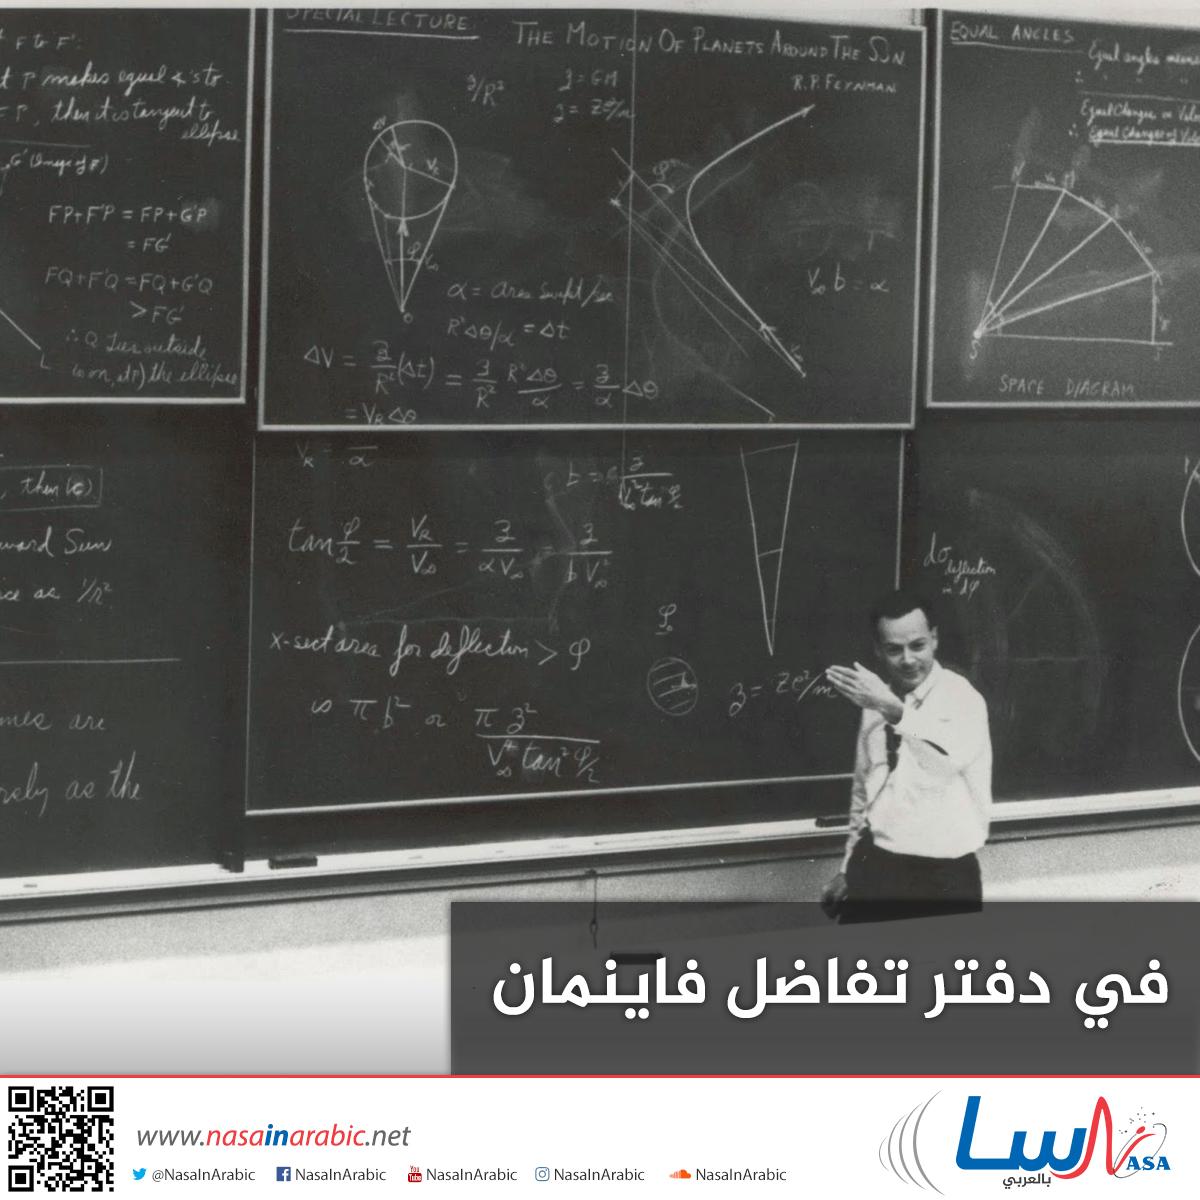 في دفتر تفاضل فاينمان